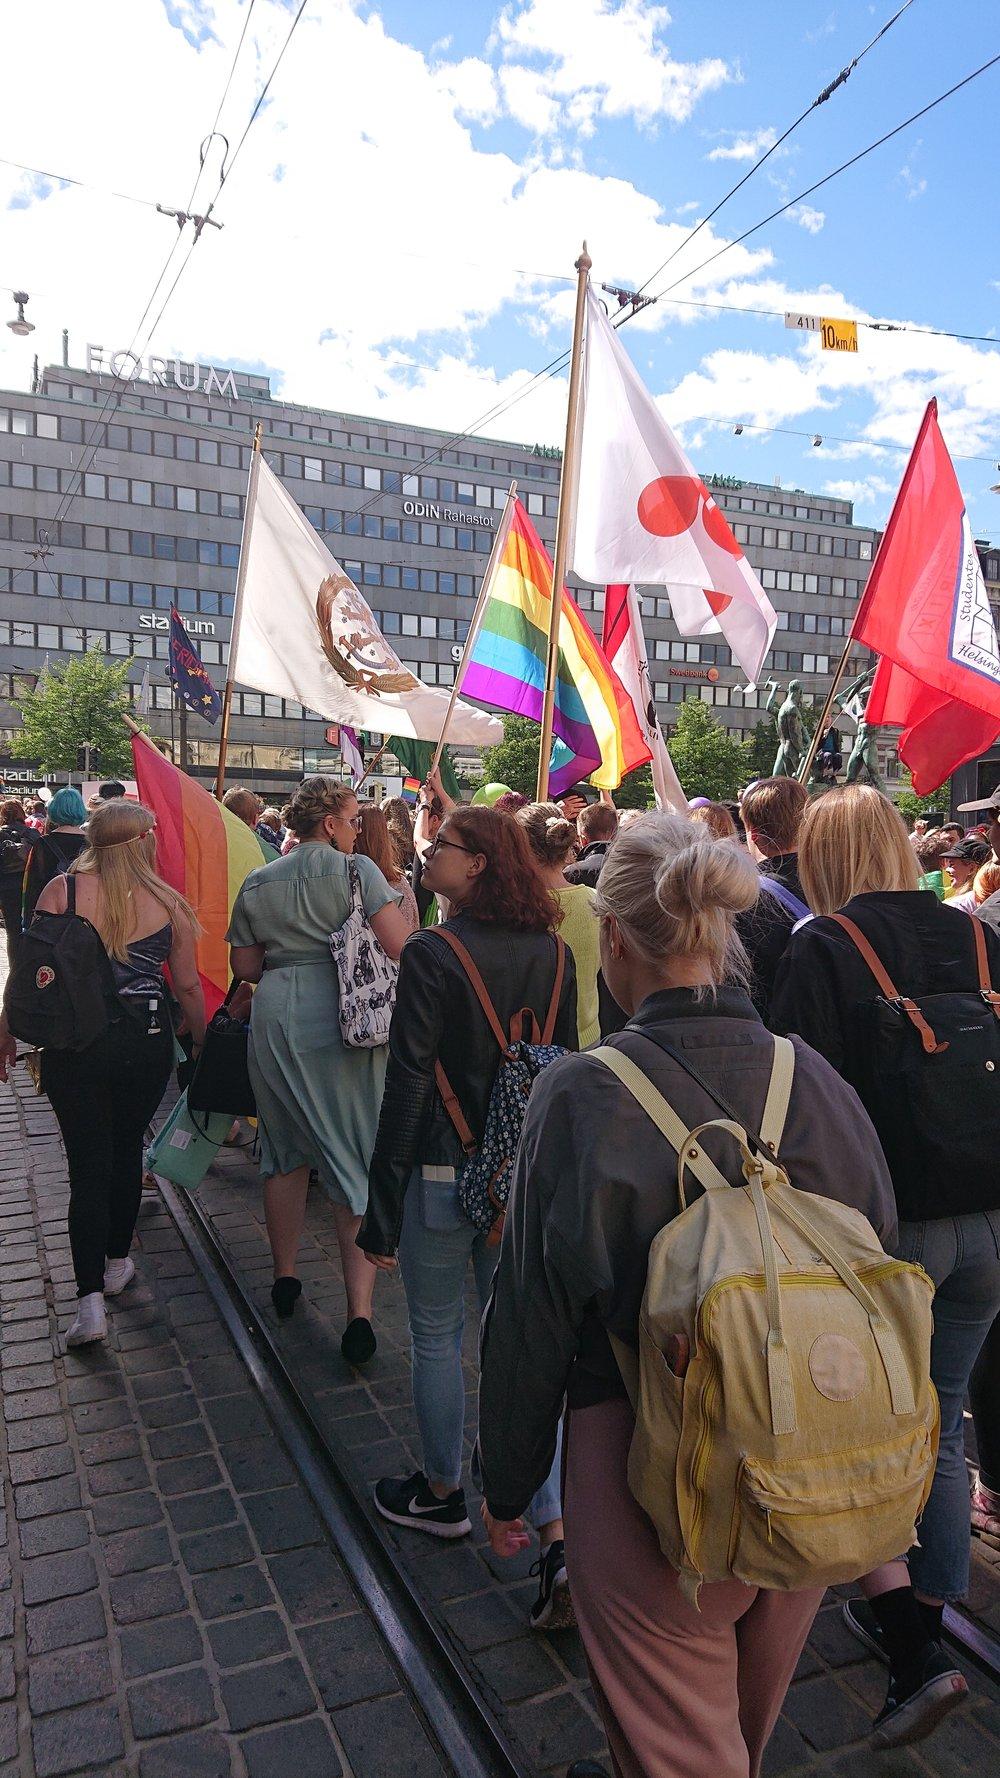 Seksuaali- ja sukupuolivähemmistöjen yhdenvertaisten oikeuksien turvaaminen kuuluu ylioppilaskunnan tavoitteisiin. HYY osallistuu kesäisin Helsinki Pride -kulkueeseen opiskelijoiden yhteislähdössä.  Kuva: HYY (2018)